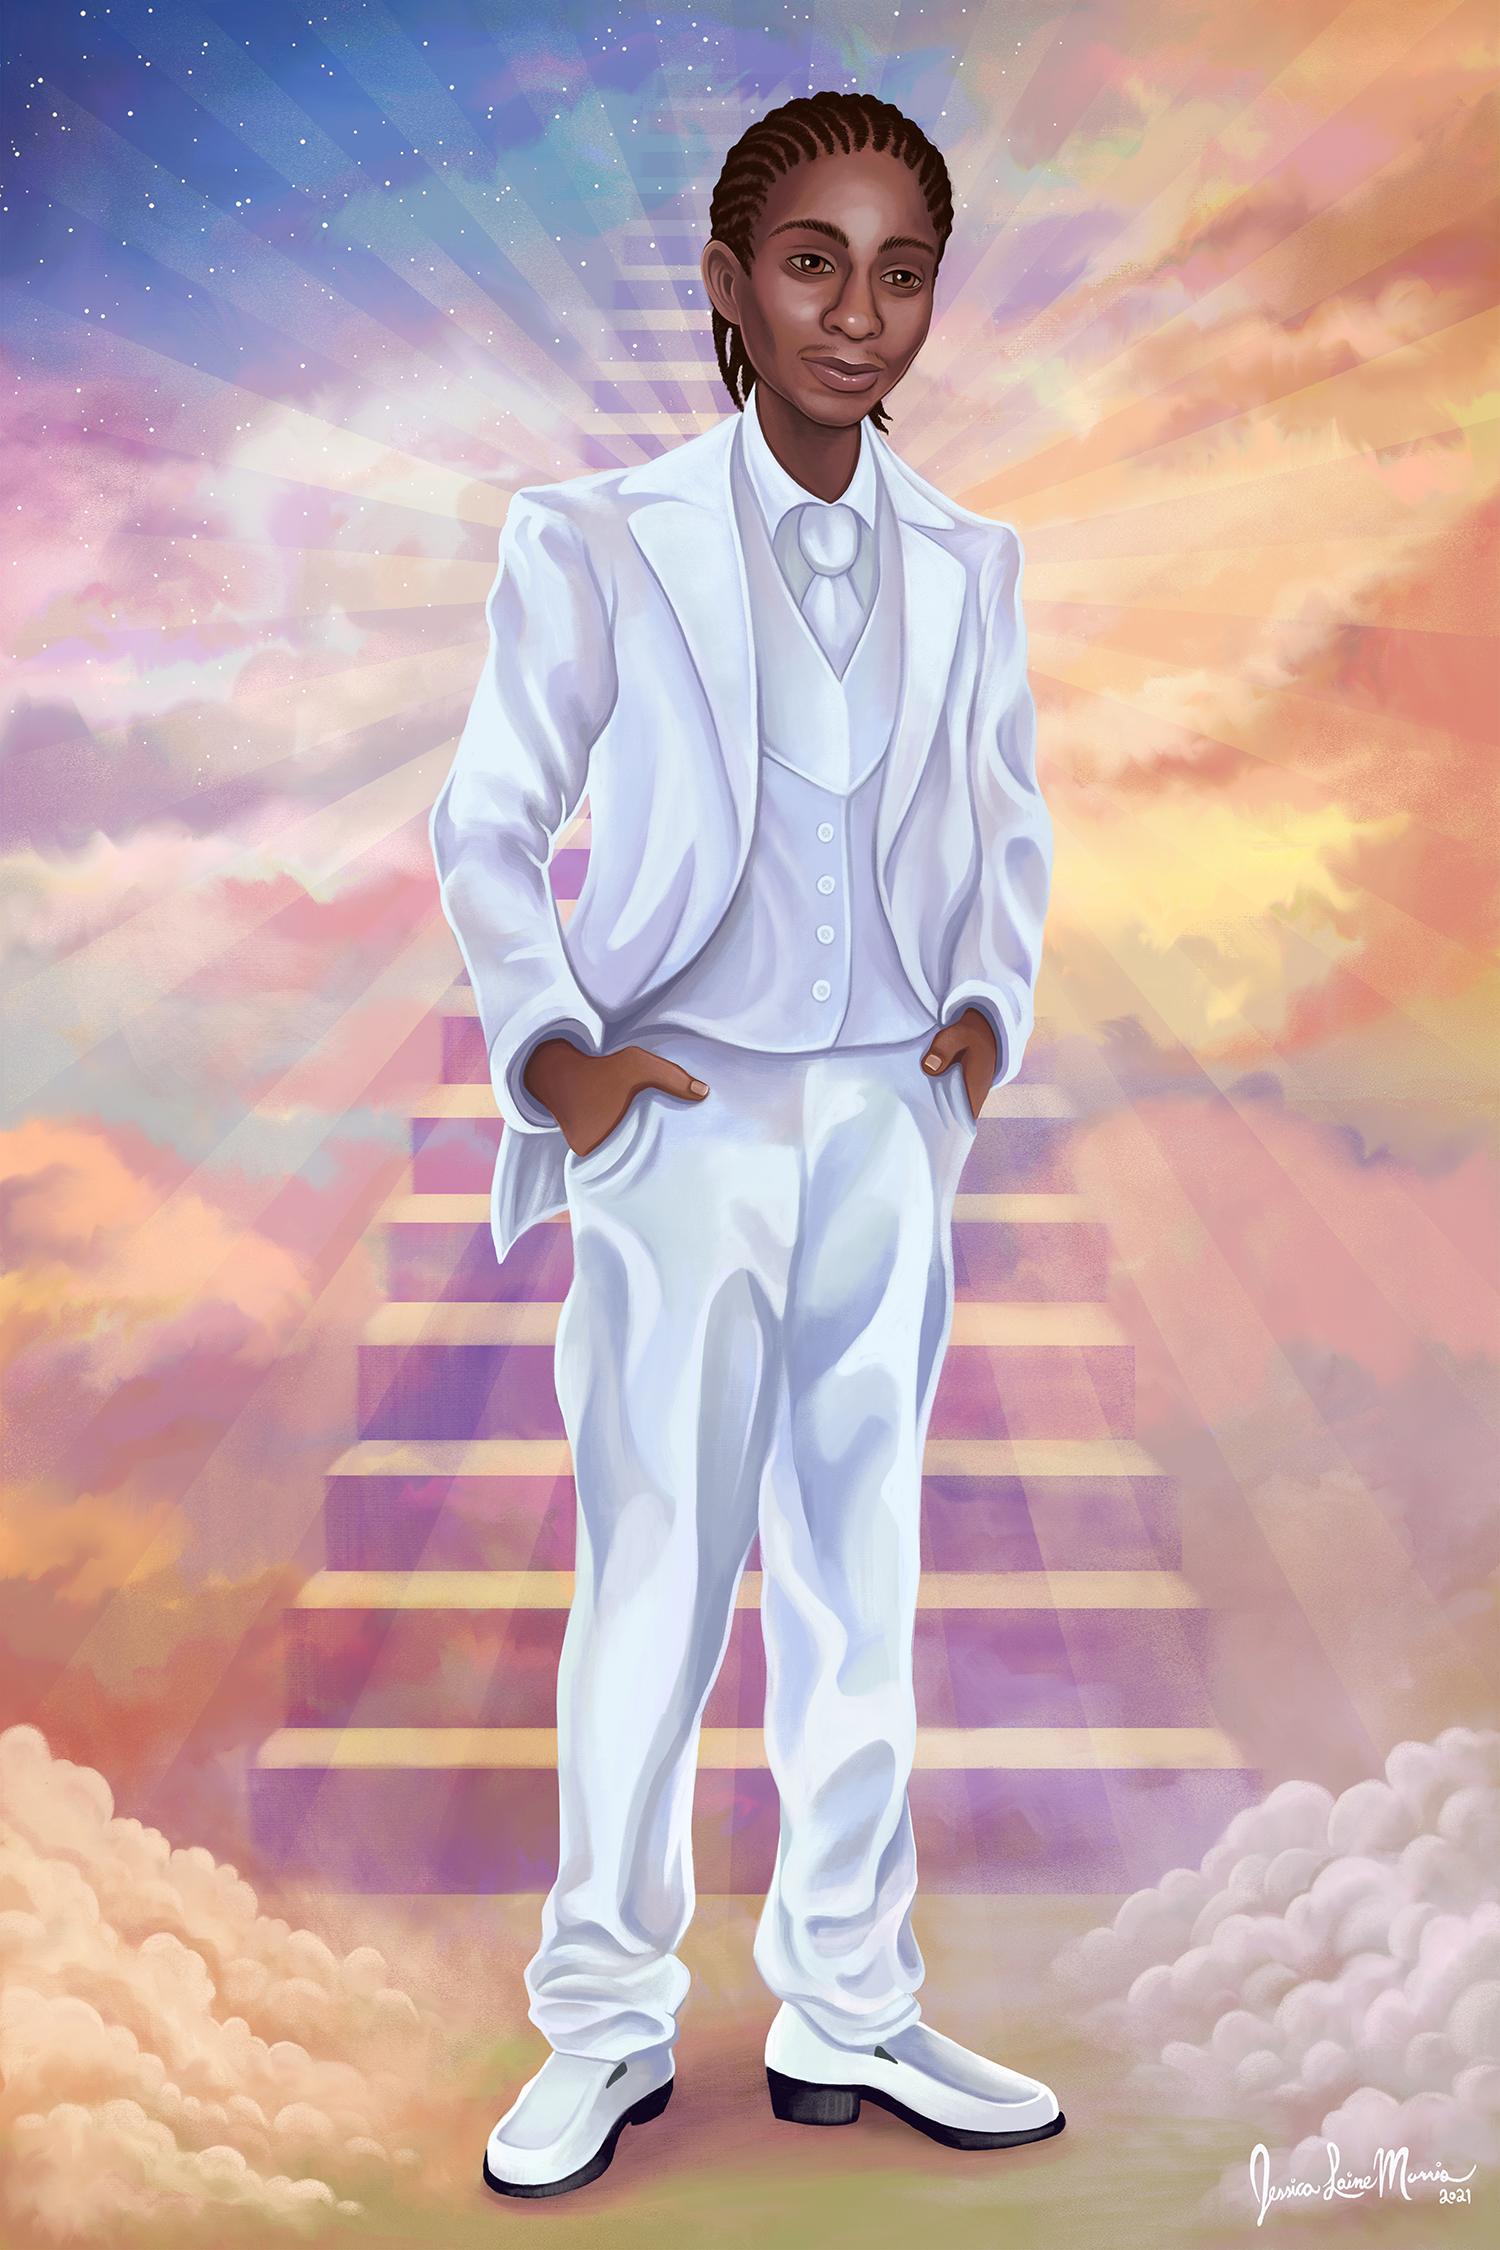 Full Body Memorial Gift Portrait Illustration